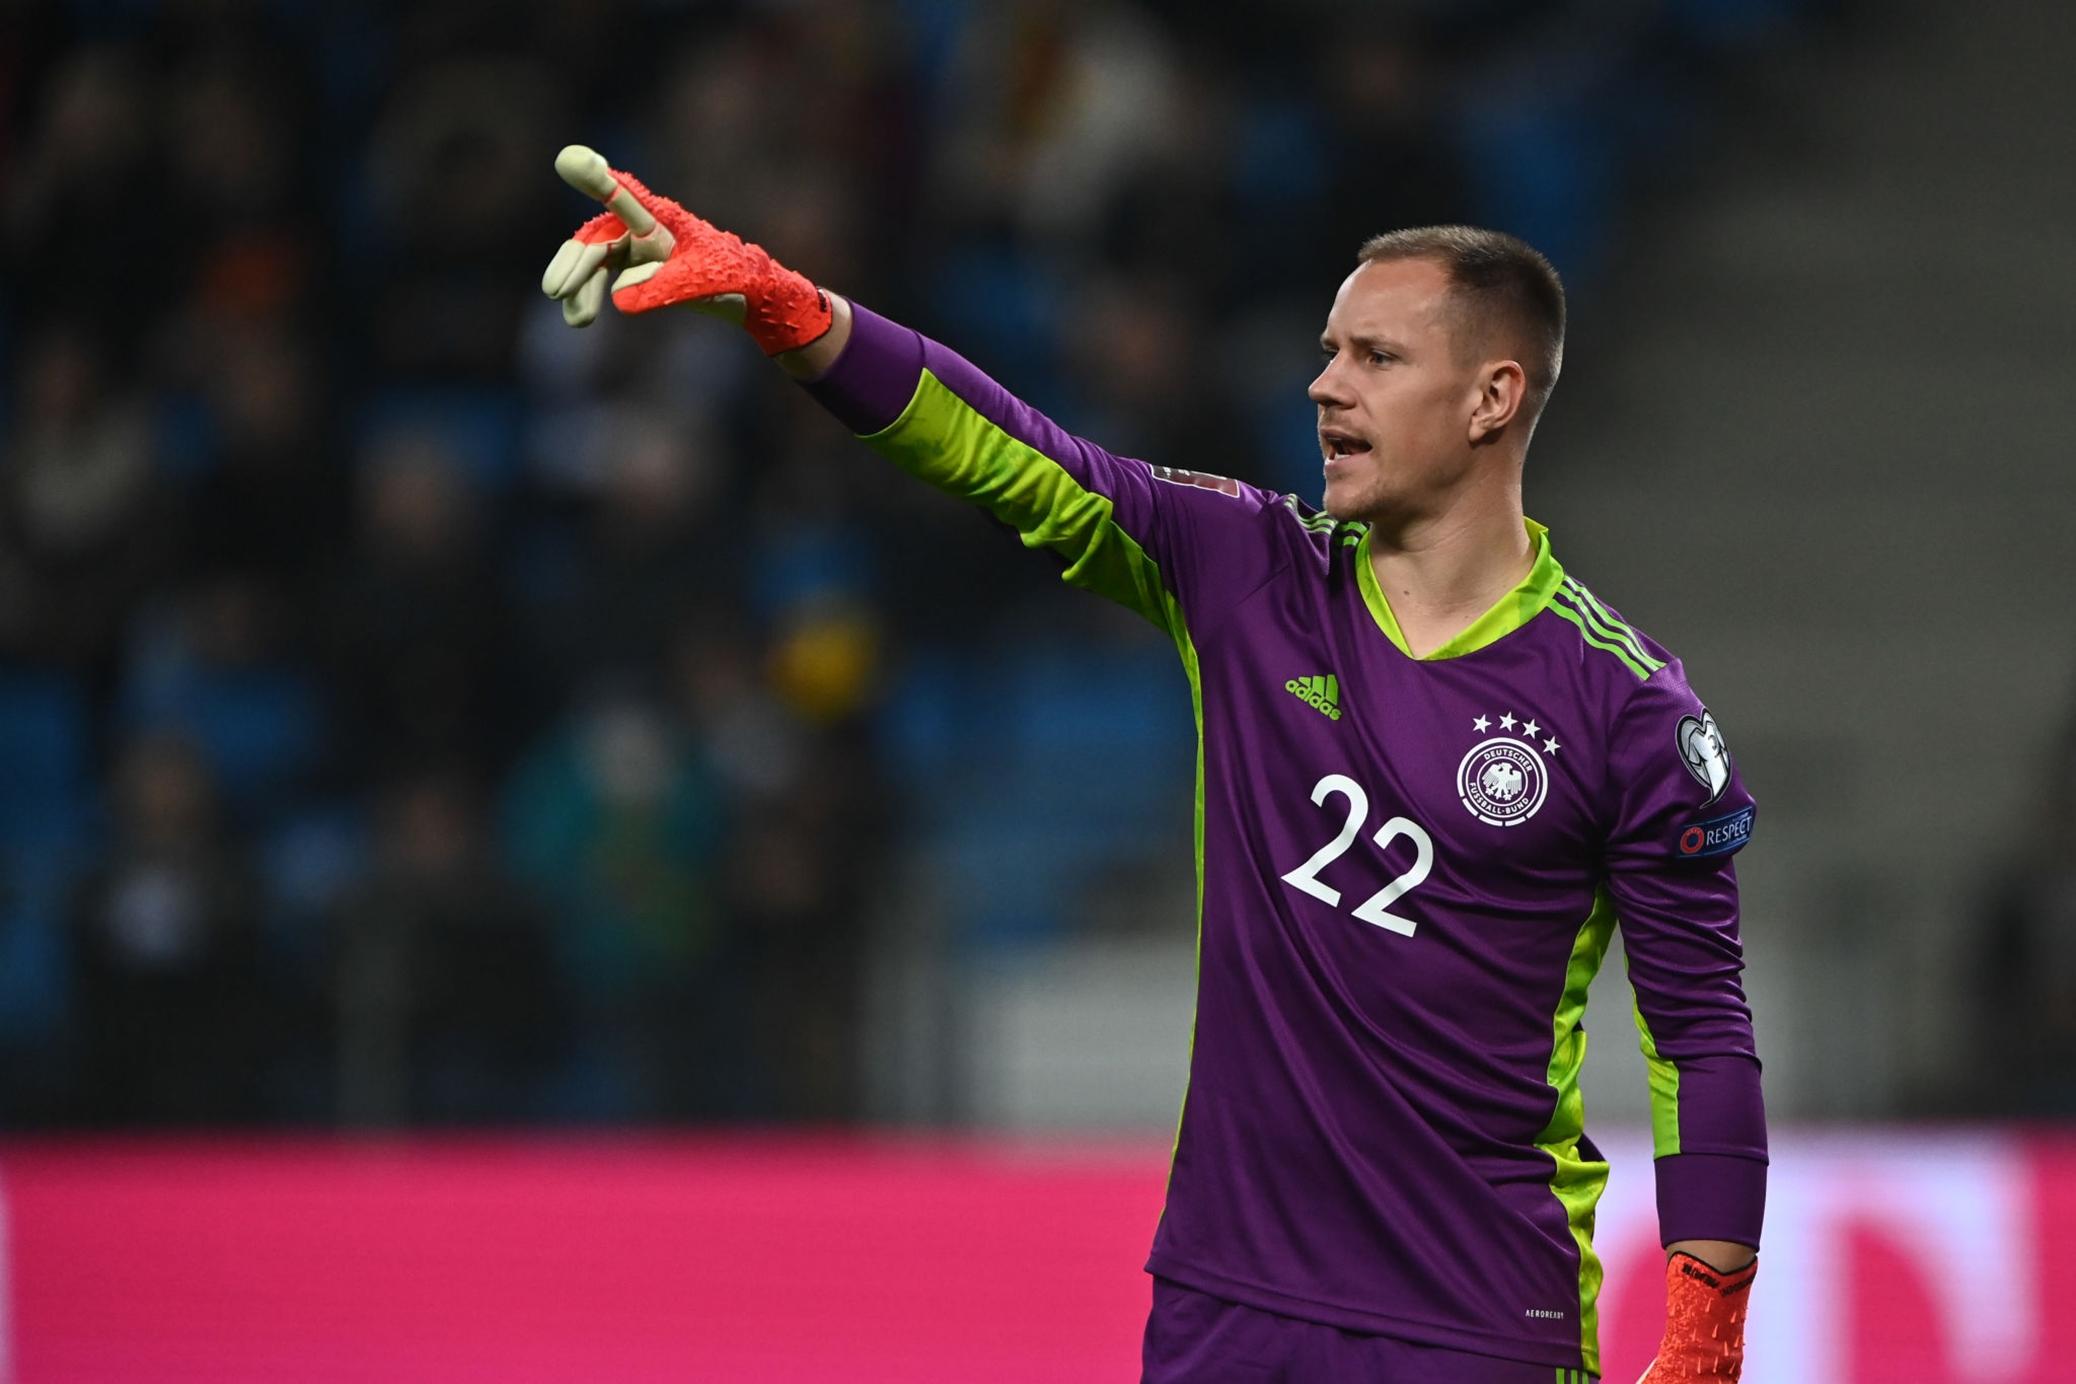 У «немецкой машины» проблемы? Обзор матча квалификации ЧМ-2022 Германия 2:1 Румыния